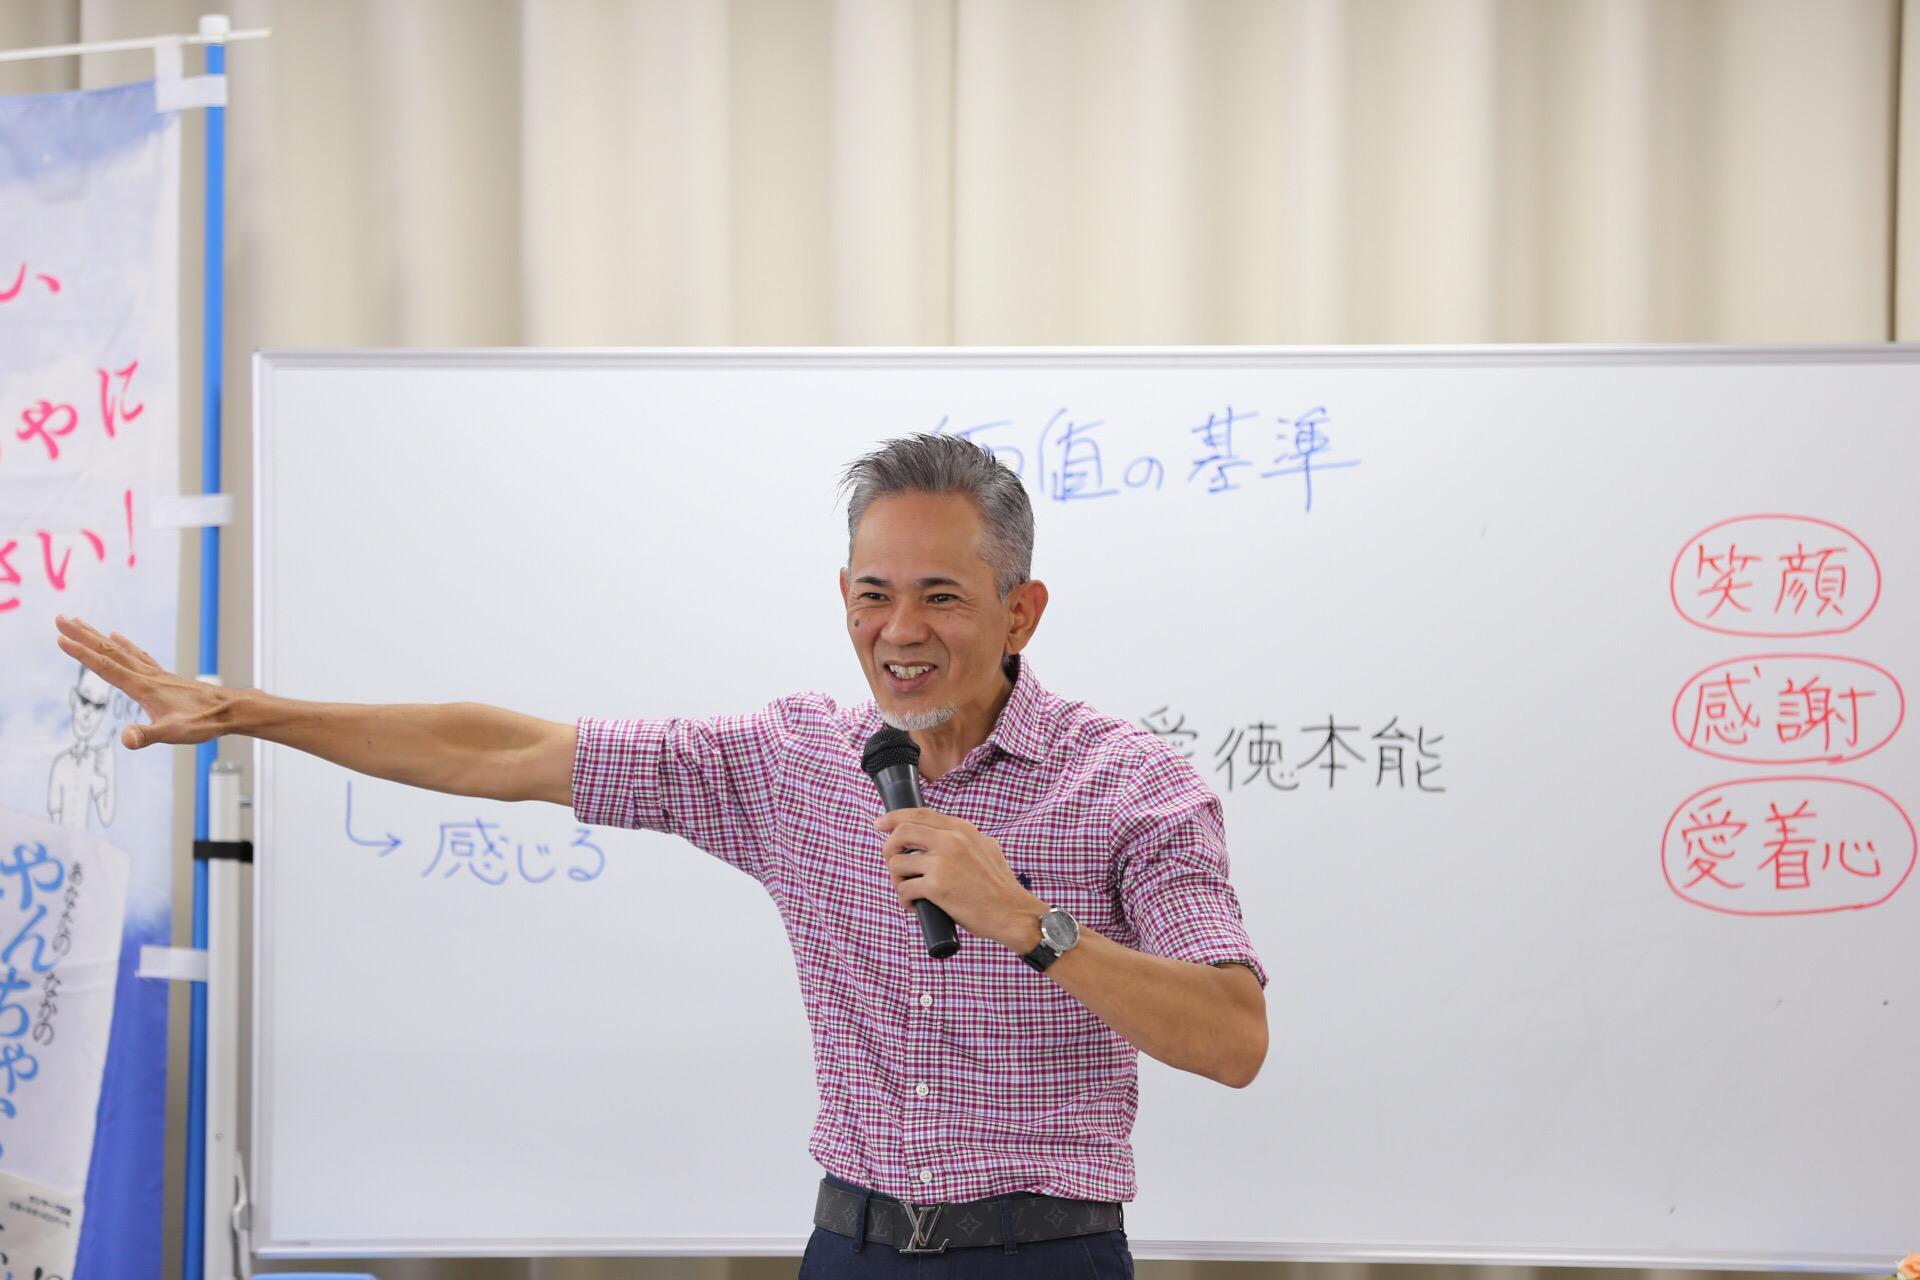 生きるとは‼️                 〜藤沢親力プログラムセミナー  藤沢クラス〜